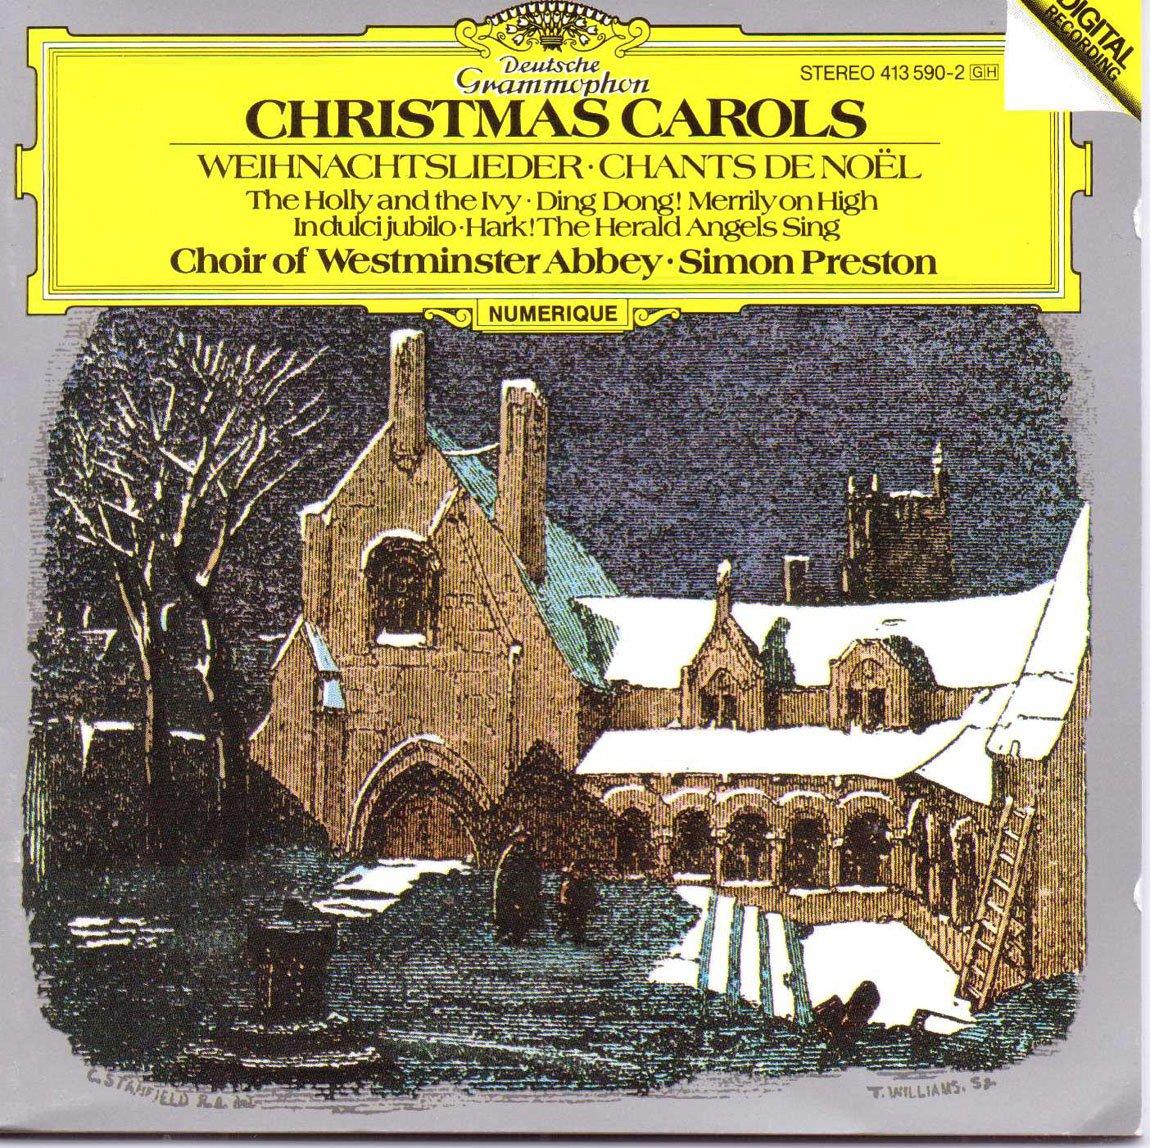 Top Weihnachtslieder 2019.Christmas Carols Weihnachtslieder Chants De Noel